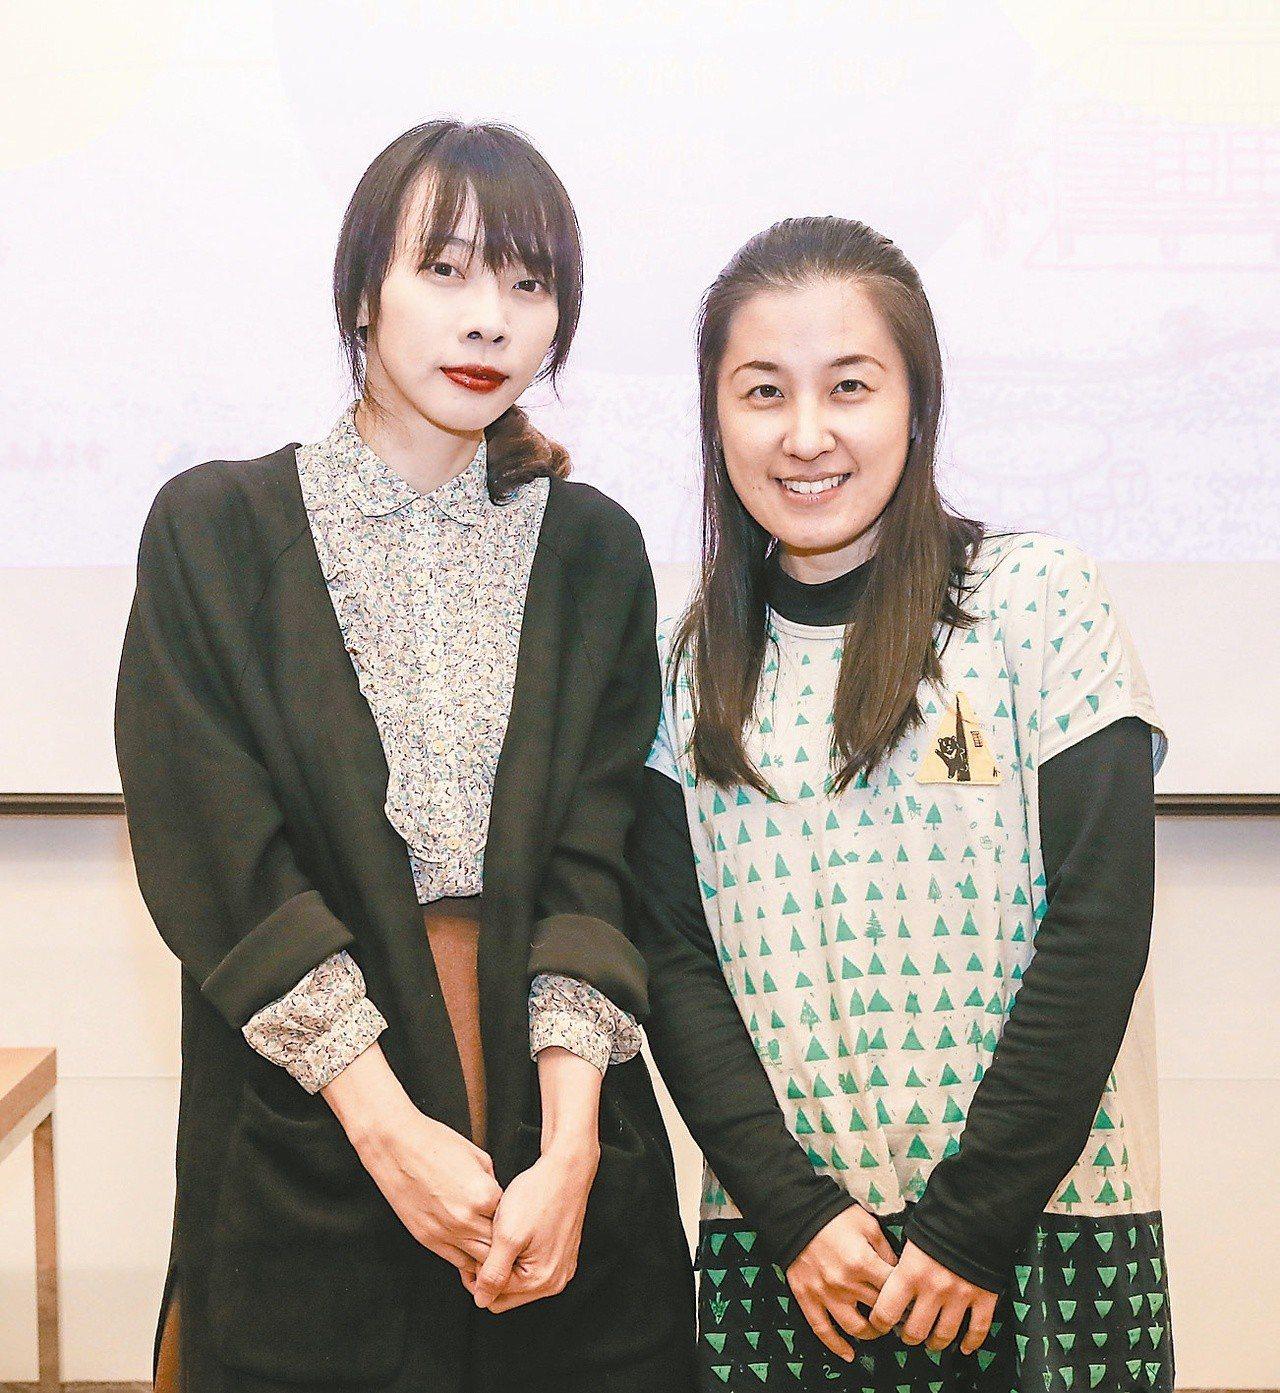 作家李欣倫(右)、言叔夏。(圖/本報記者鄭清元攝影)